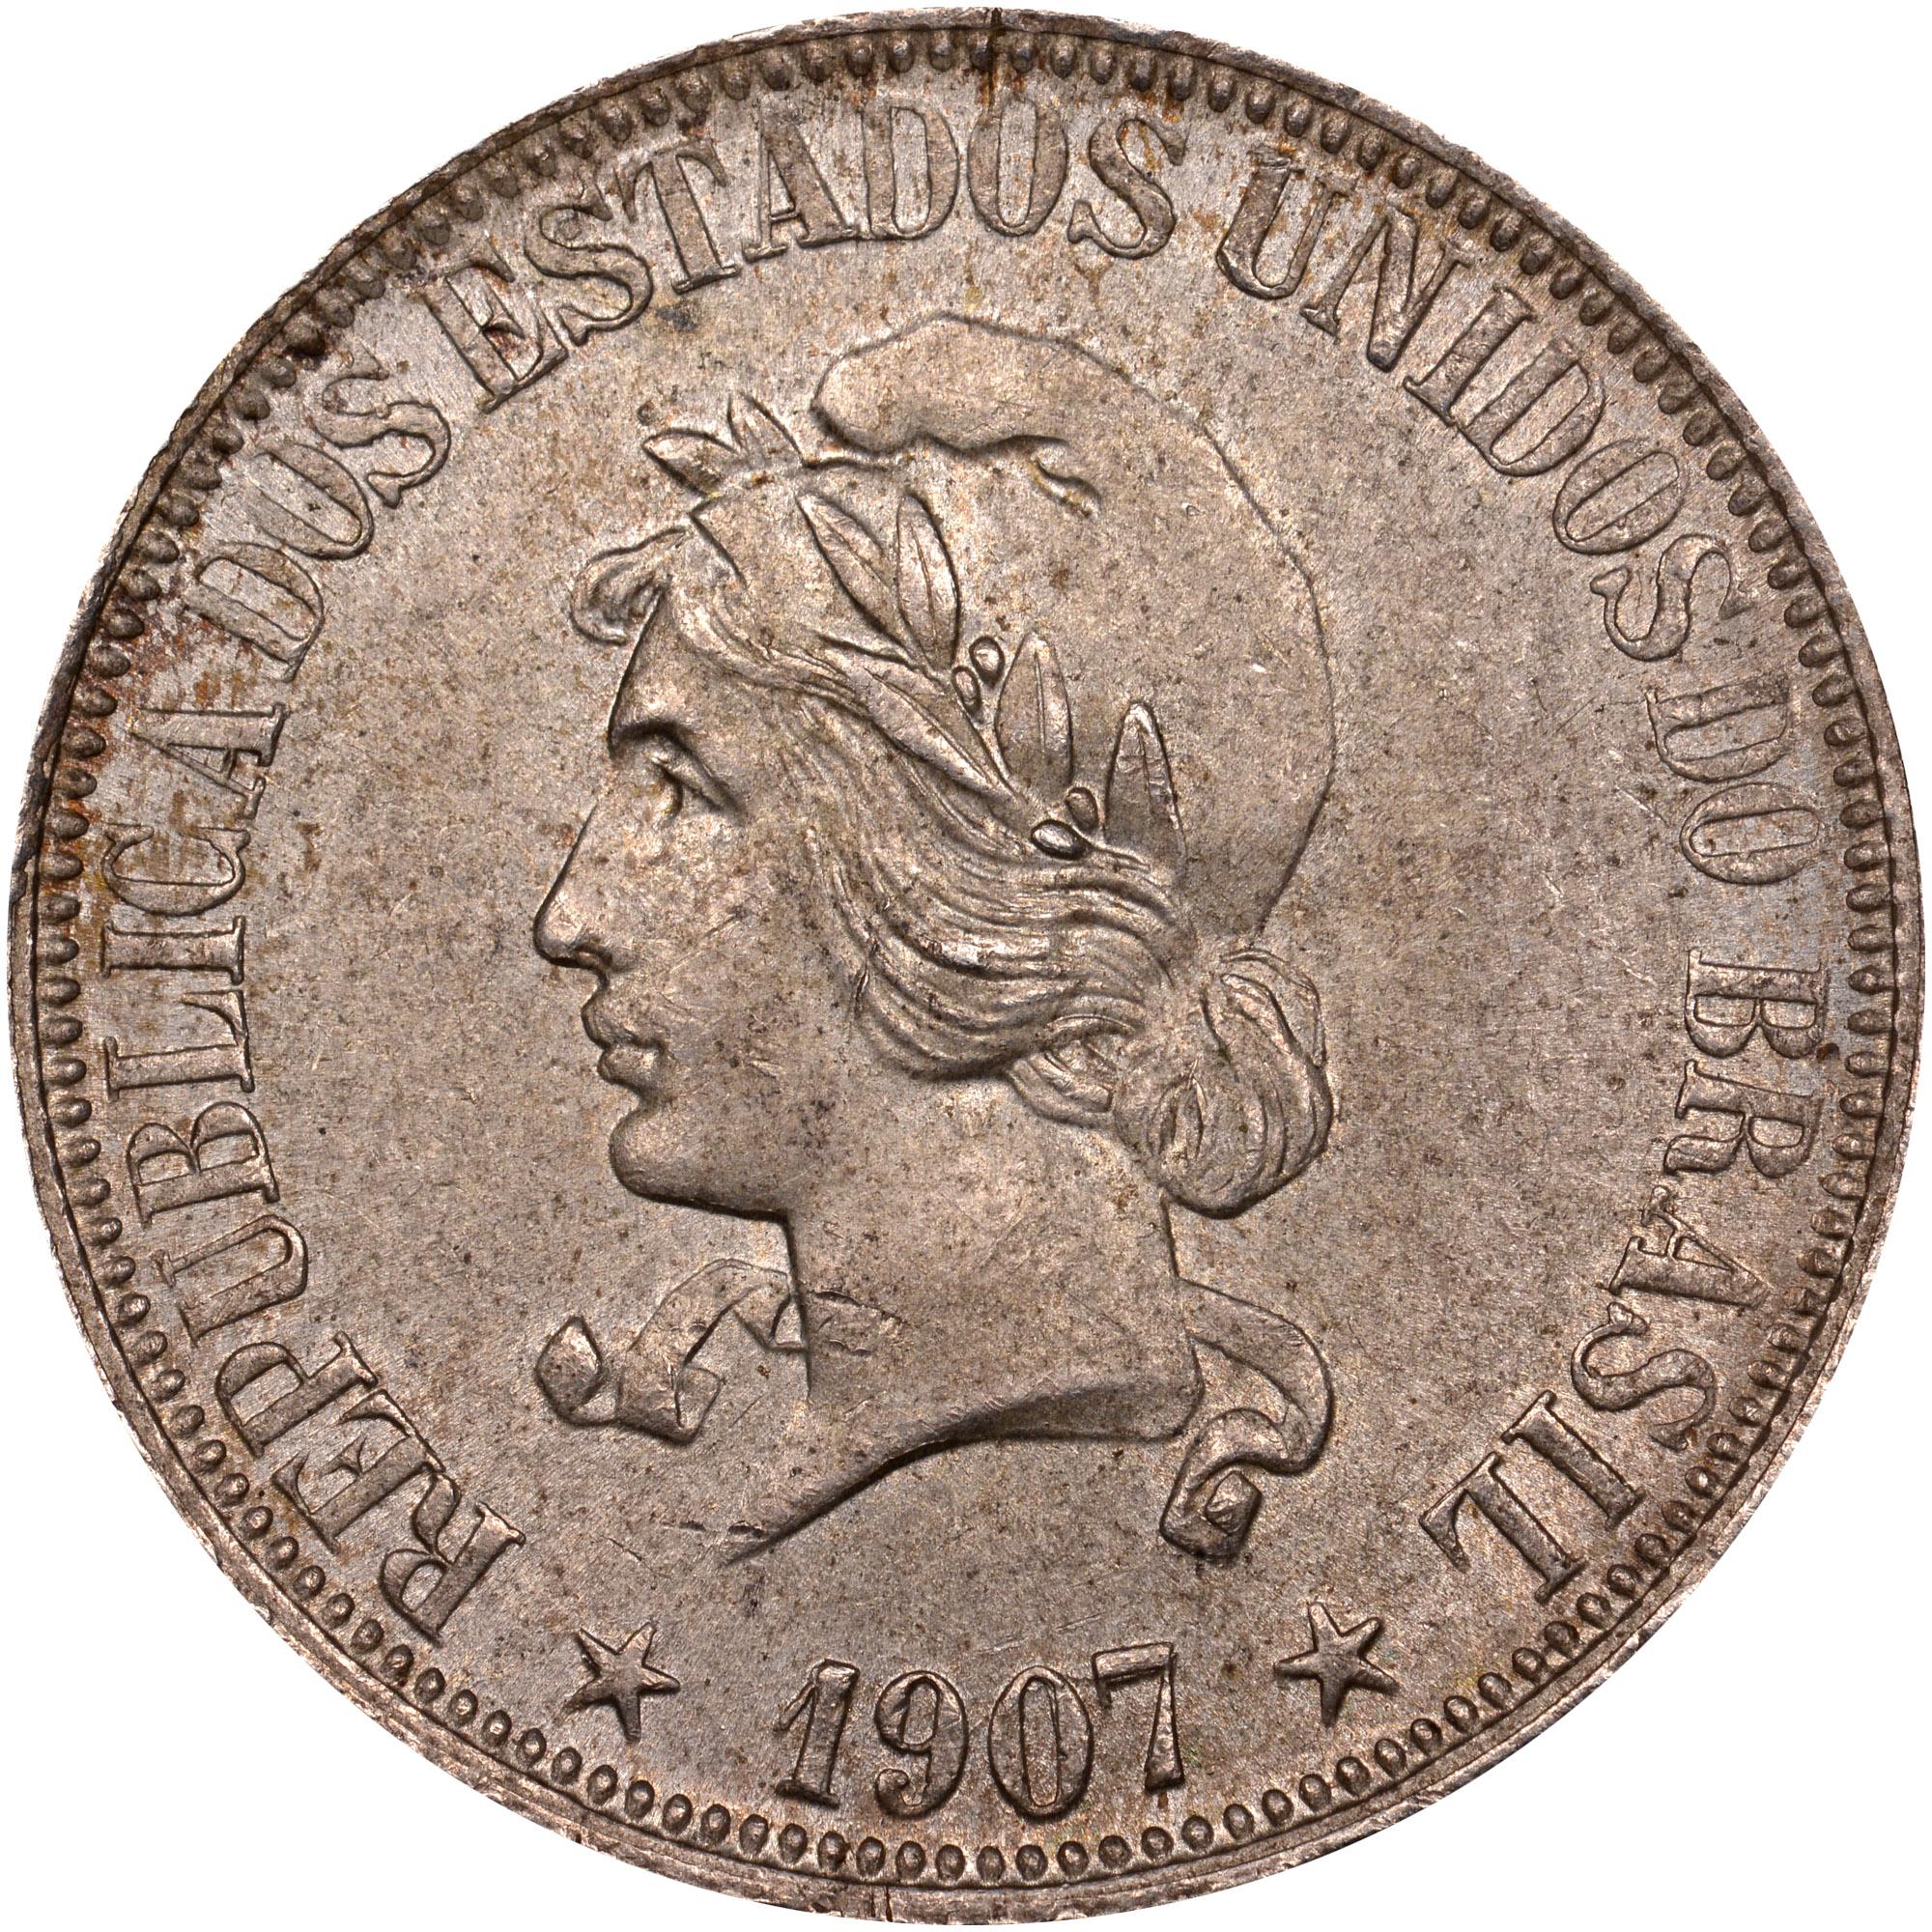 1906-1912 Brazil 1000 Reis obverse